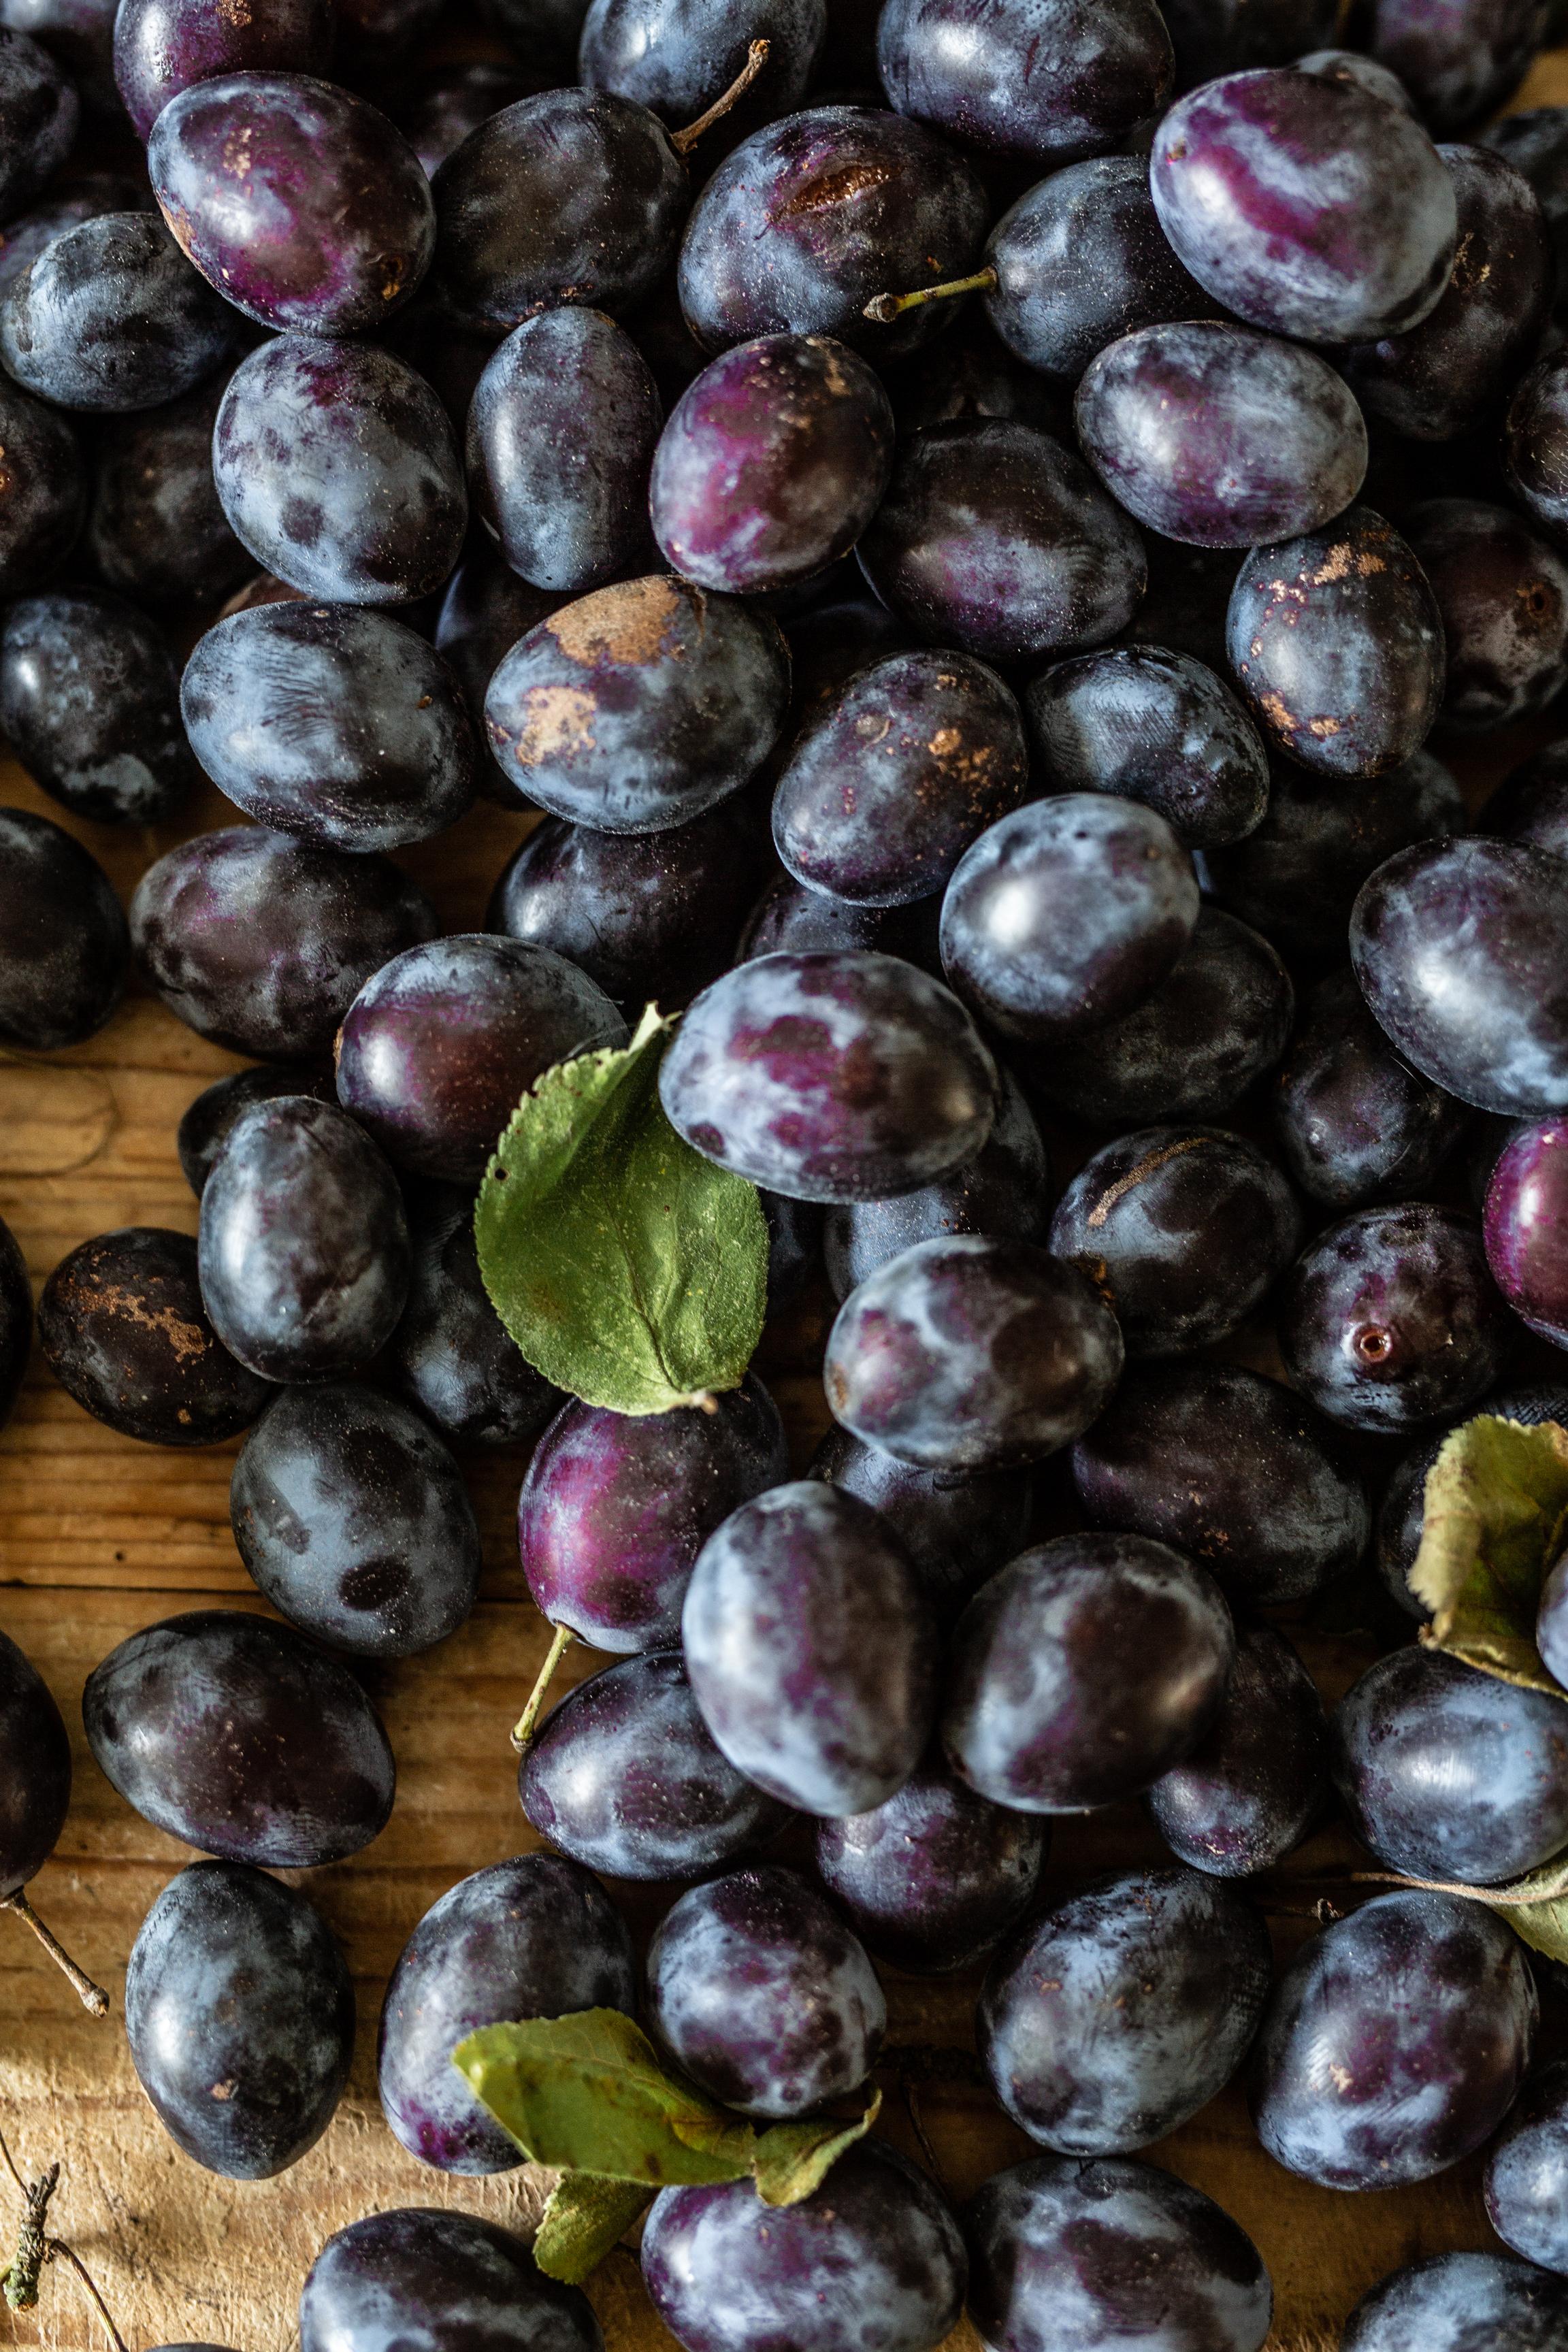 Veganer Schoko Zwetschgenmus   Gesunde vegane Rezepte, Fermentation, Nachhaltigkeit - Syl Gervais